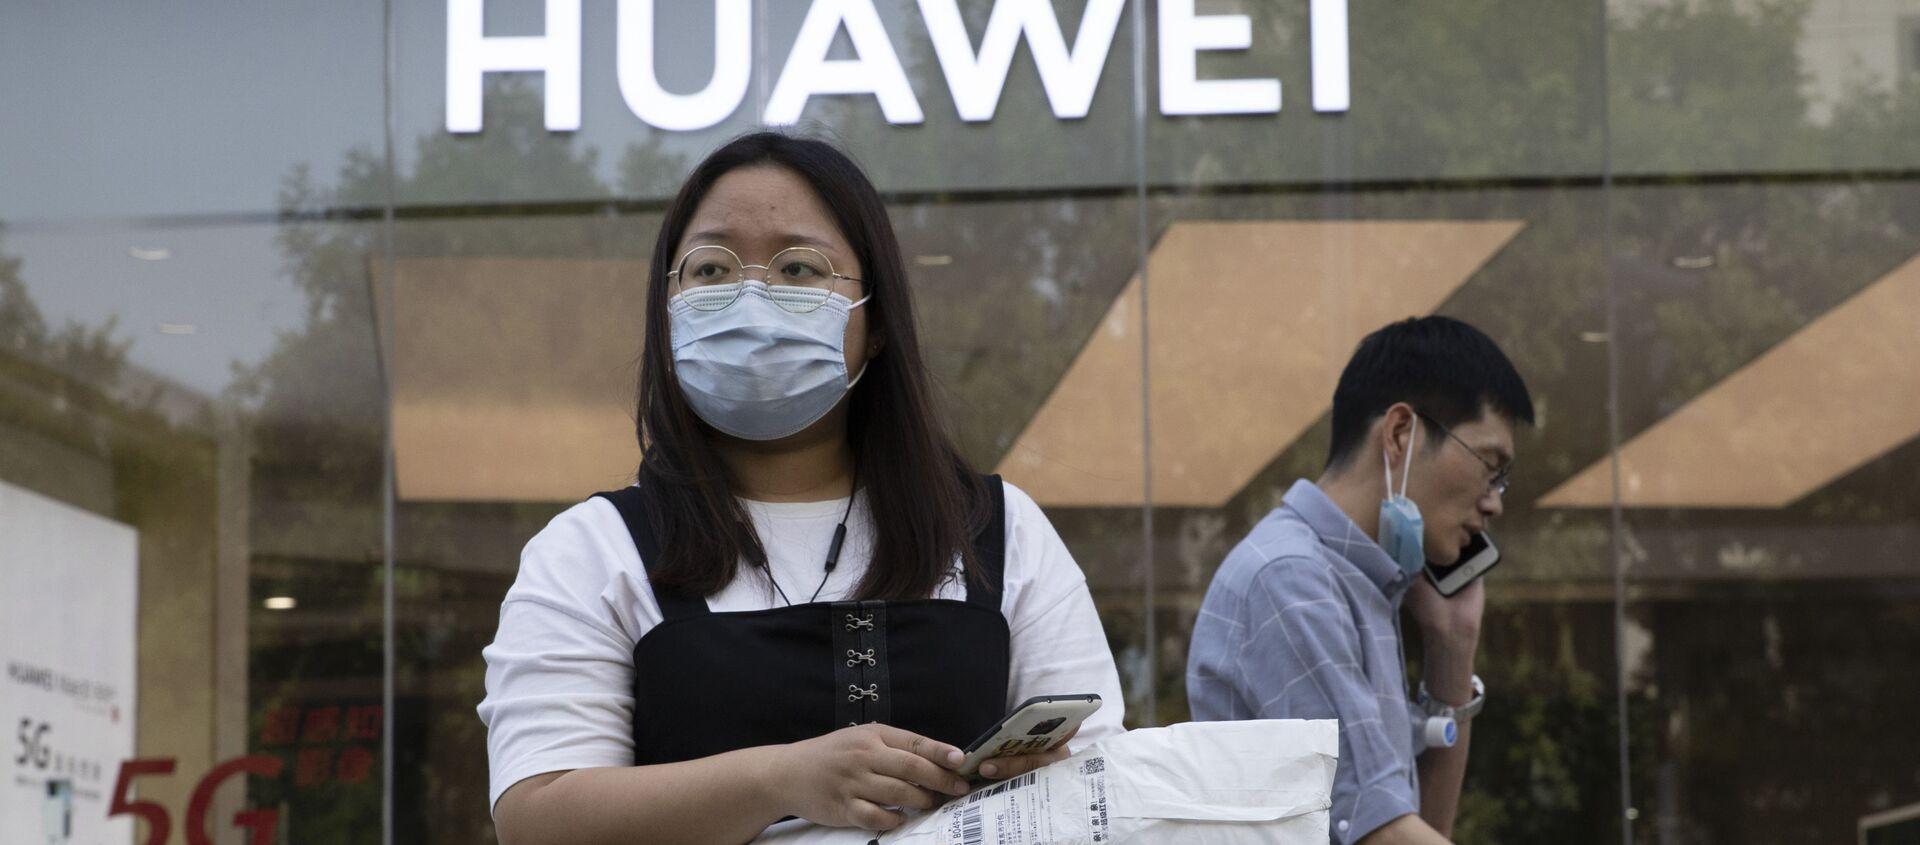 Cô gái đeo khẩu trang y tế trên nền của cửa hàng Huawei. Bắc Kinh - Sputnik Việt Nam, 1920, 16.04.2021